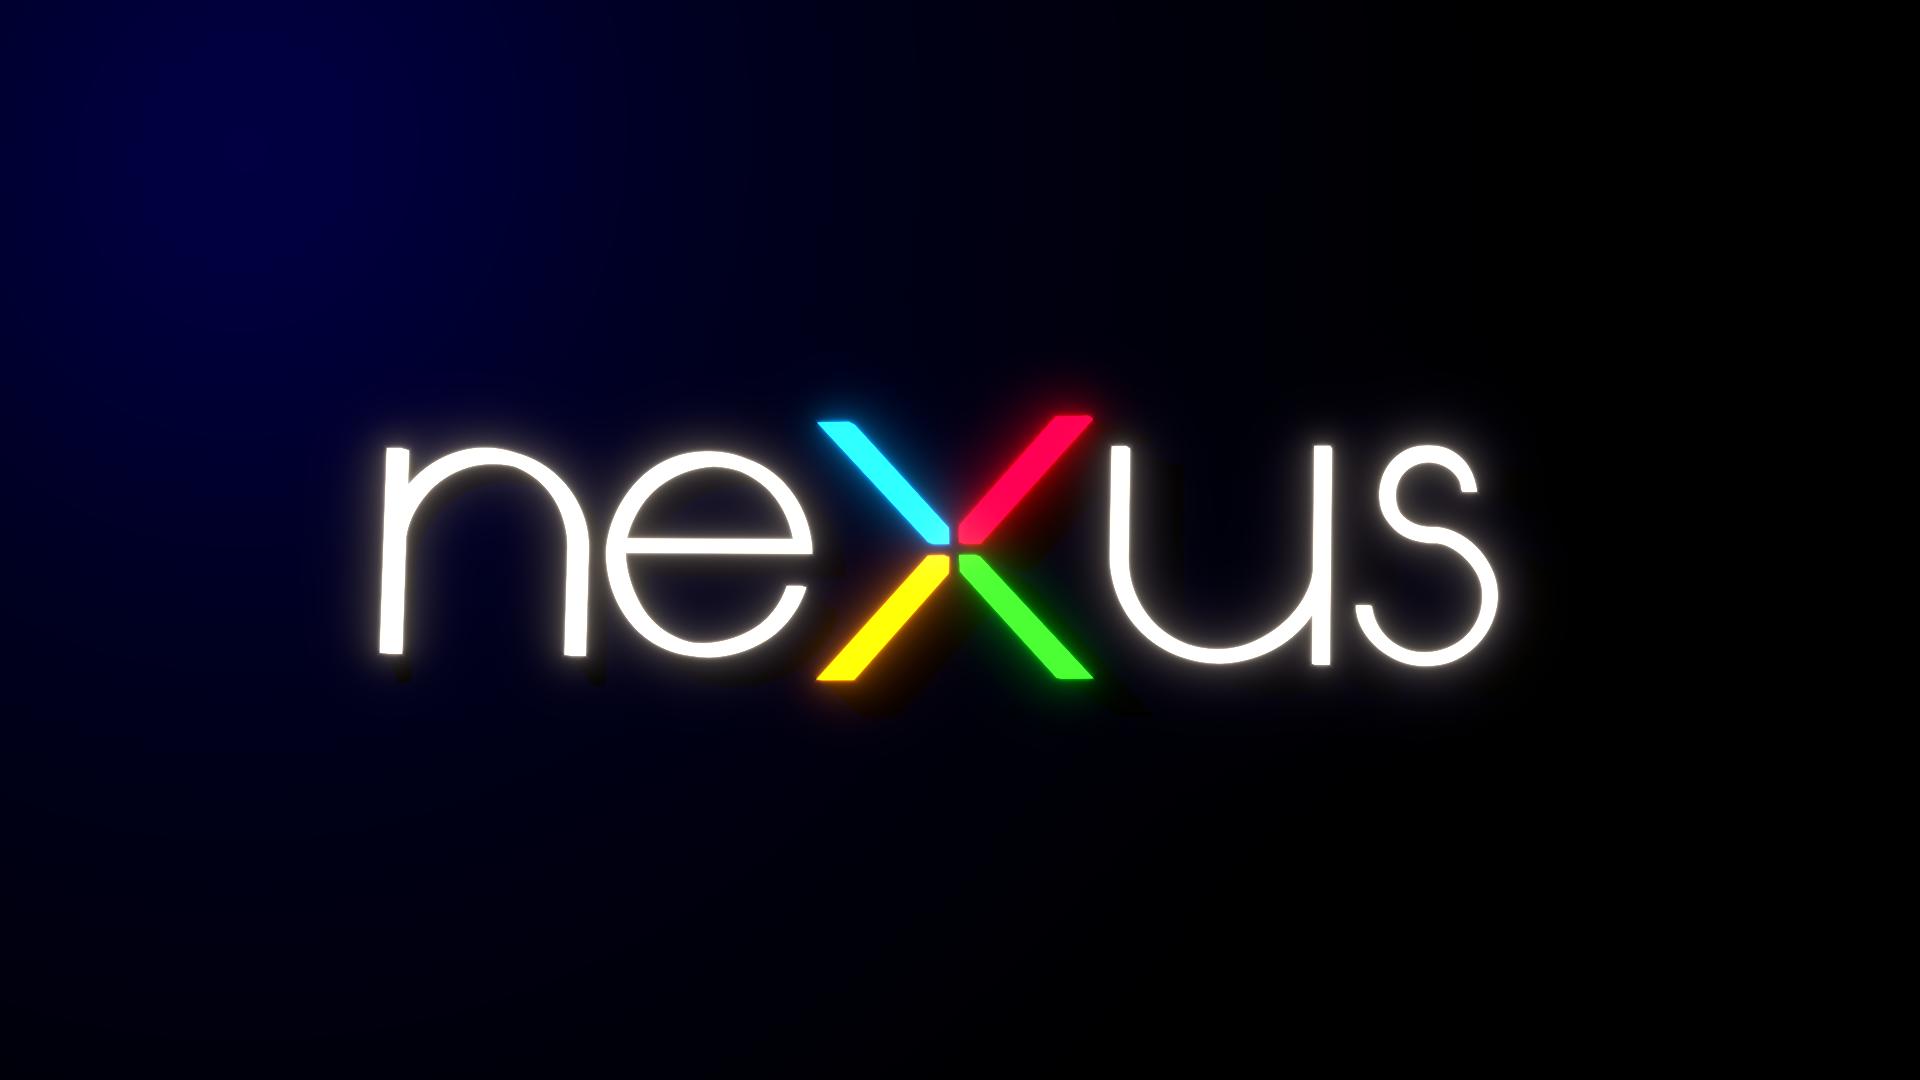 Nexus - logo